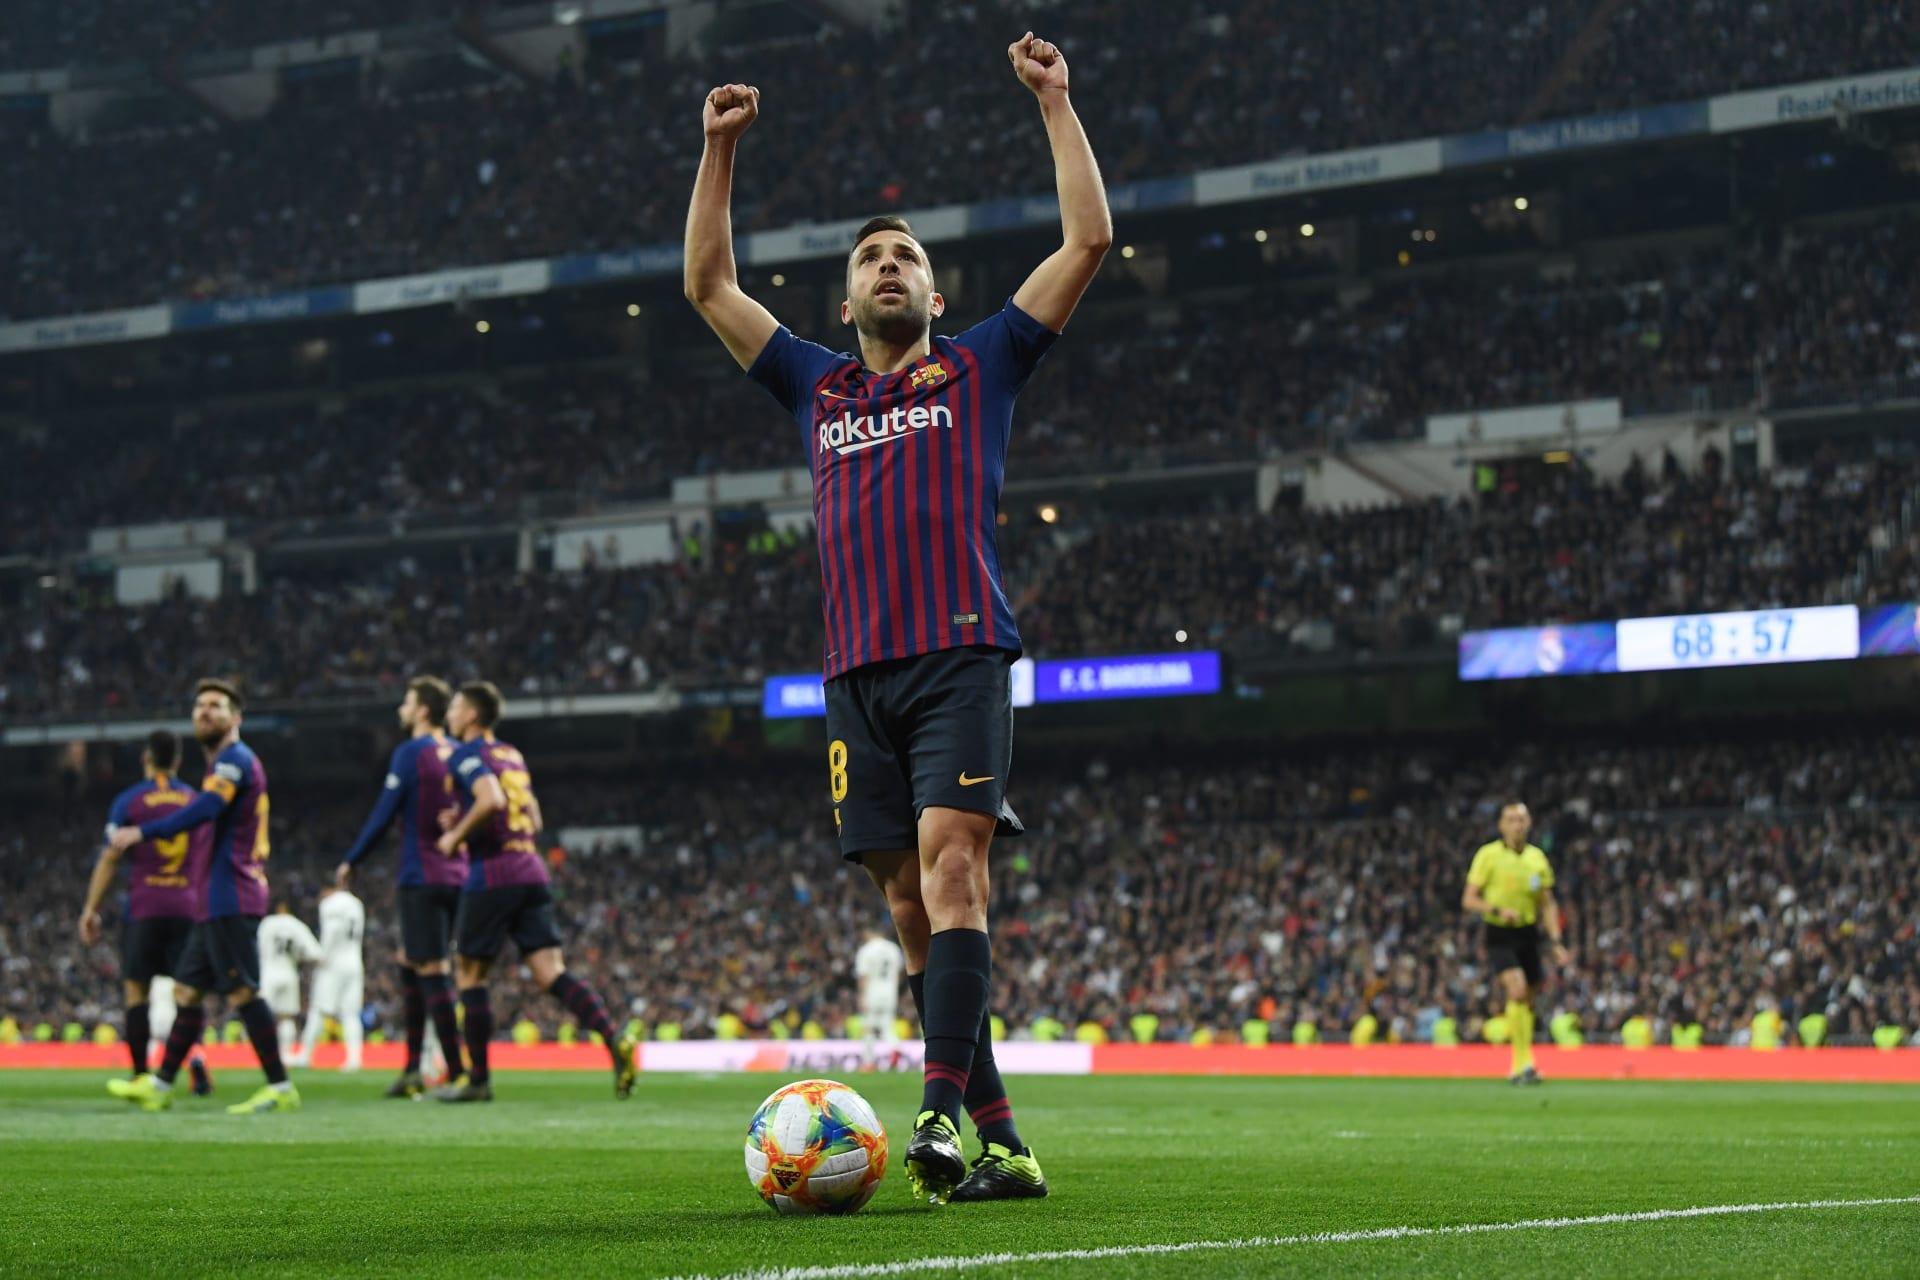 برشلونة يكتسح ريال مدريد ويتأهل لنهائي كأس الملك للمرة السادسة على التوالي